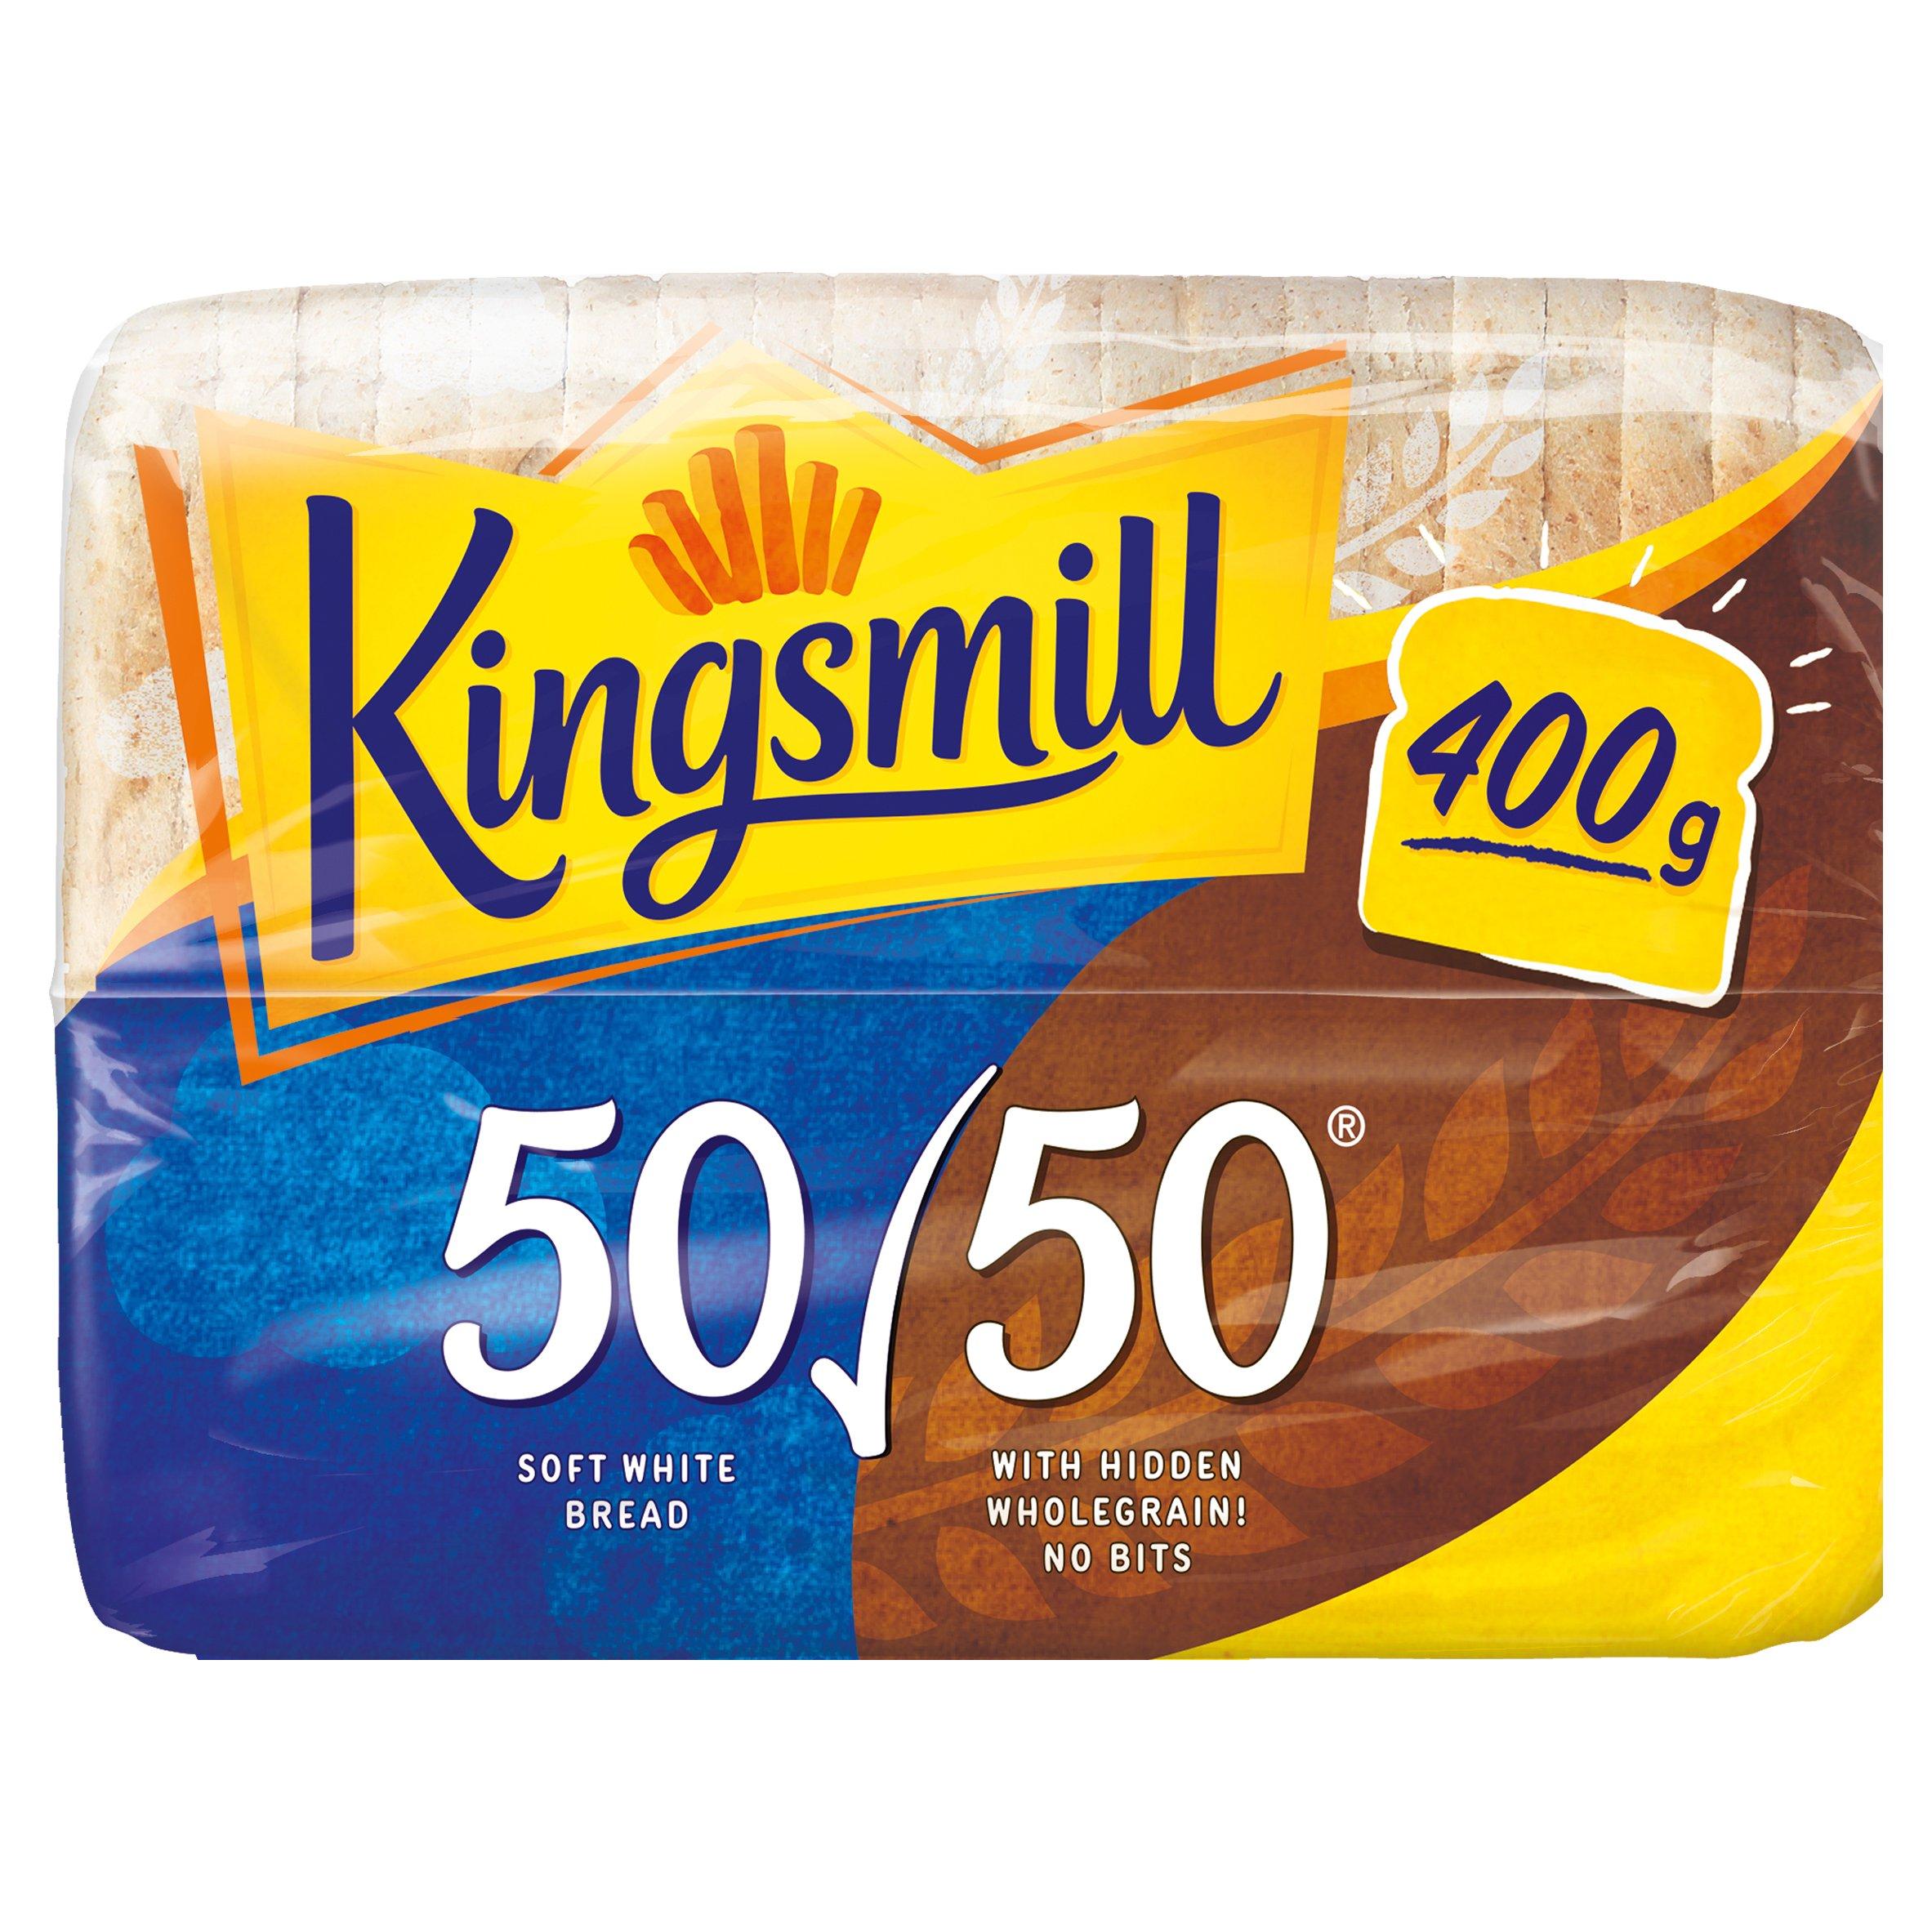 Kingsmill 50/50 400G